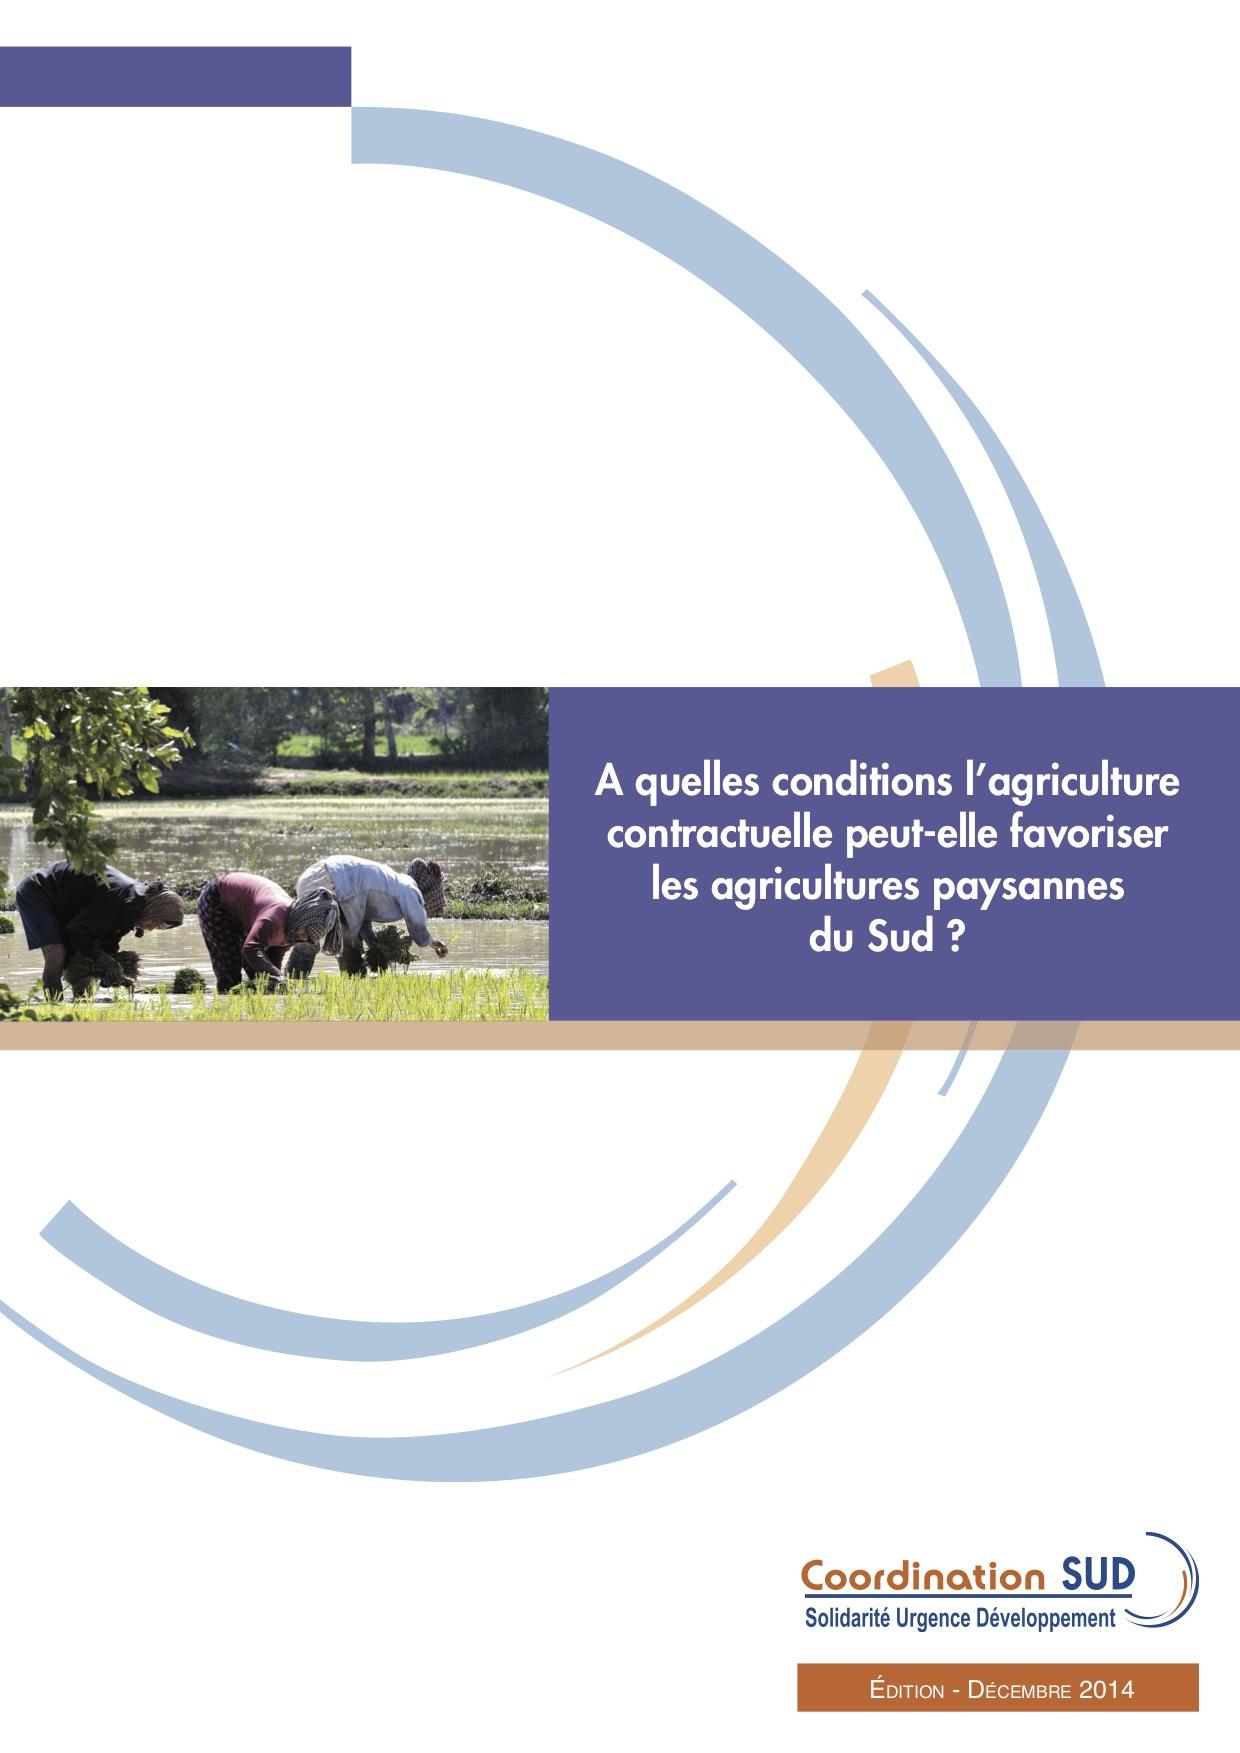 A quelles conditions l'agriculture  contractuelle peut-elle favoriser  les agricultures paysannes du Sud ? Image principale